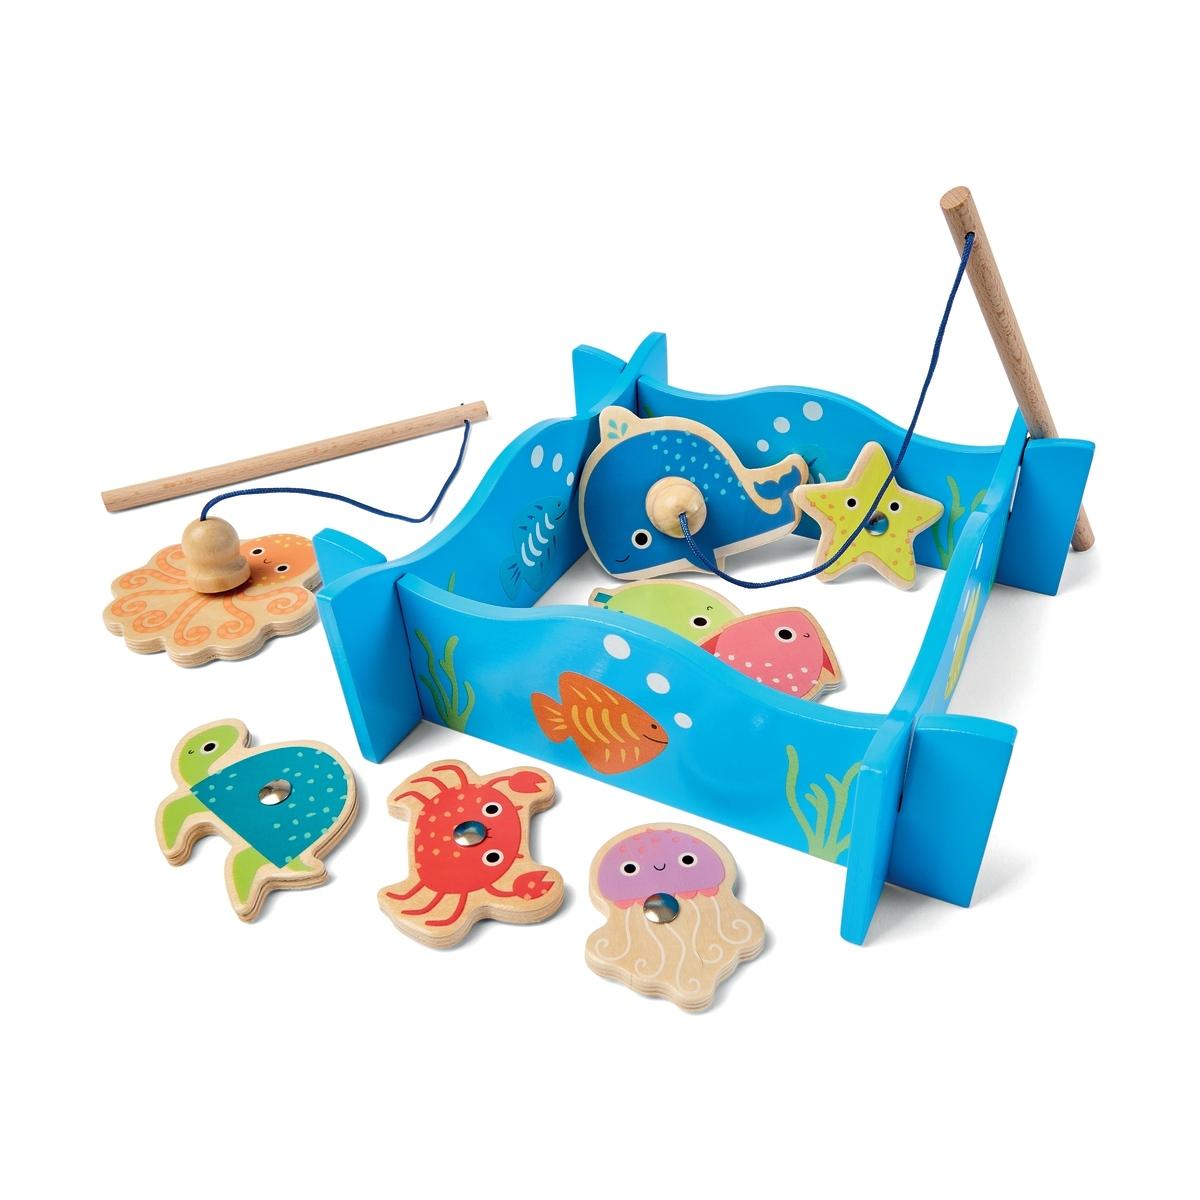 Fishing Set | Kmart